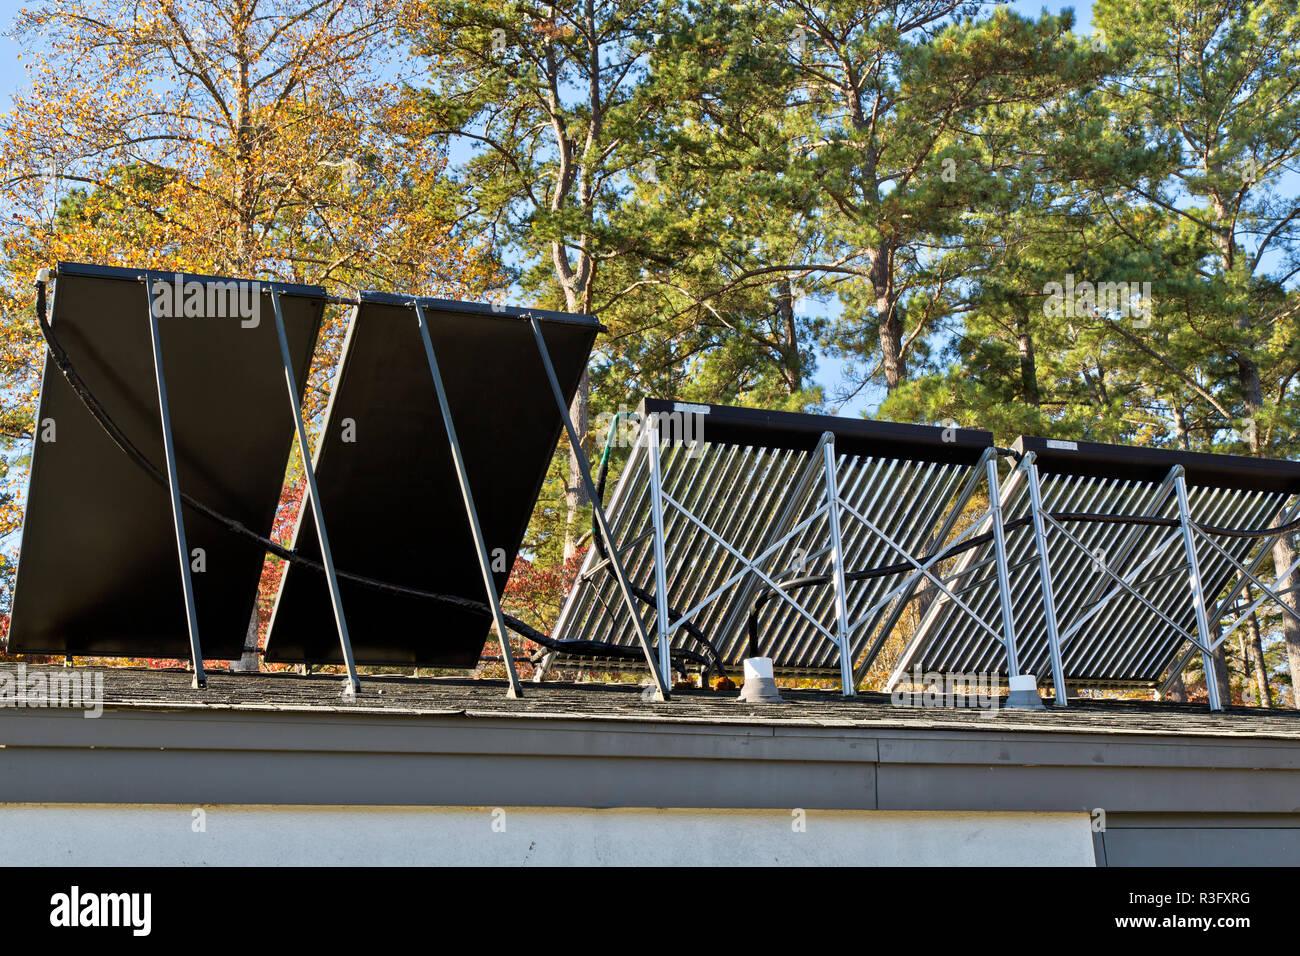 Vista trasera, calentadores solares de agua en el baño techo, facilitando Melton Hill Dam Recreation Area camping. Imagen De Stock